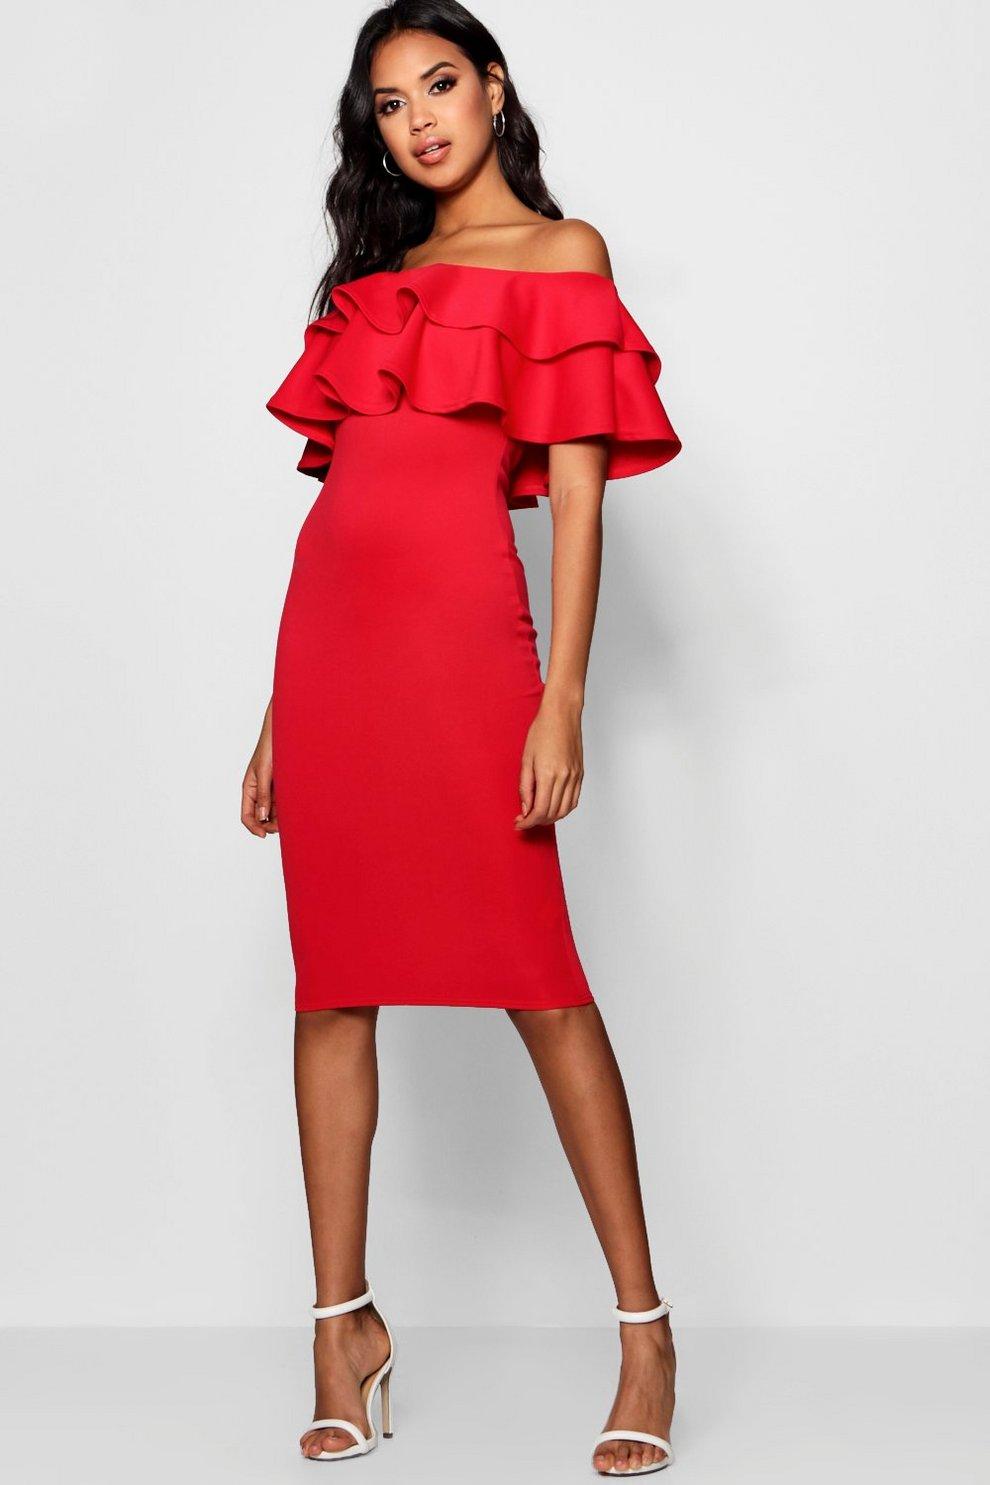 cb2247a91d31 Bardot Layered Frill Detail Midi Dress | Boohoo